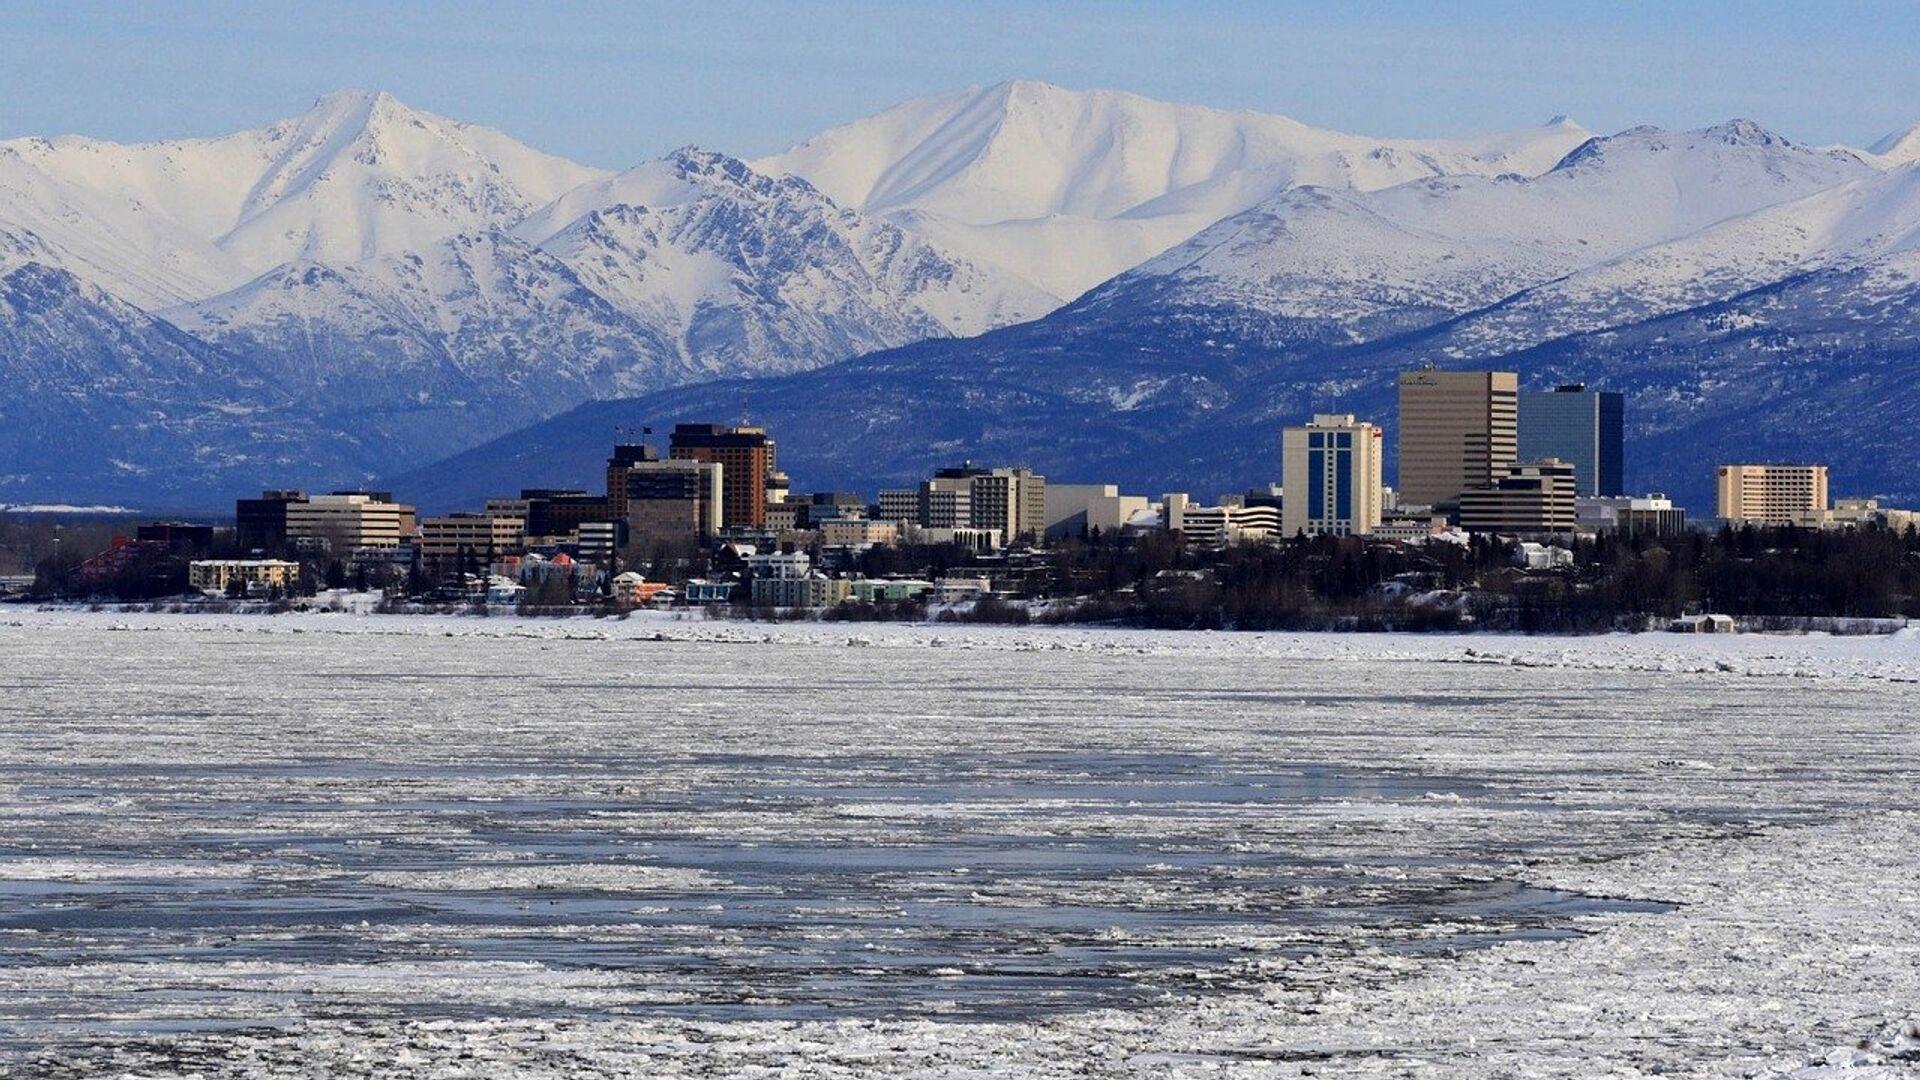 Enkoridž, najveći grad američke savezne države Aljaska - Sputnik Srbija, 1920, 04.10.2021